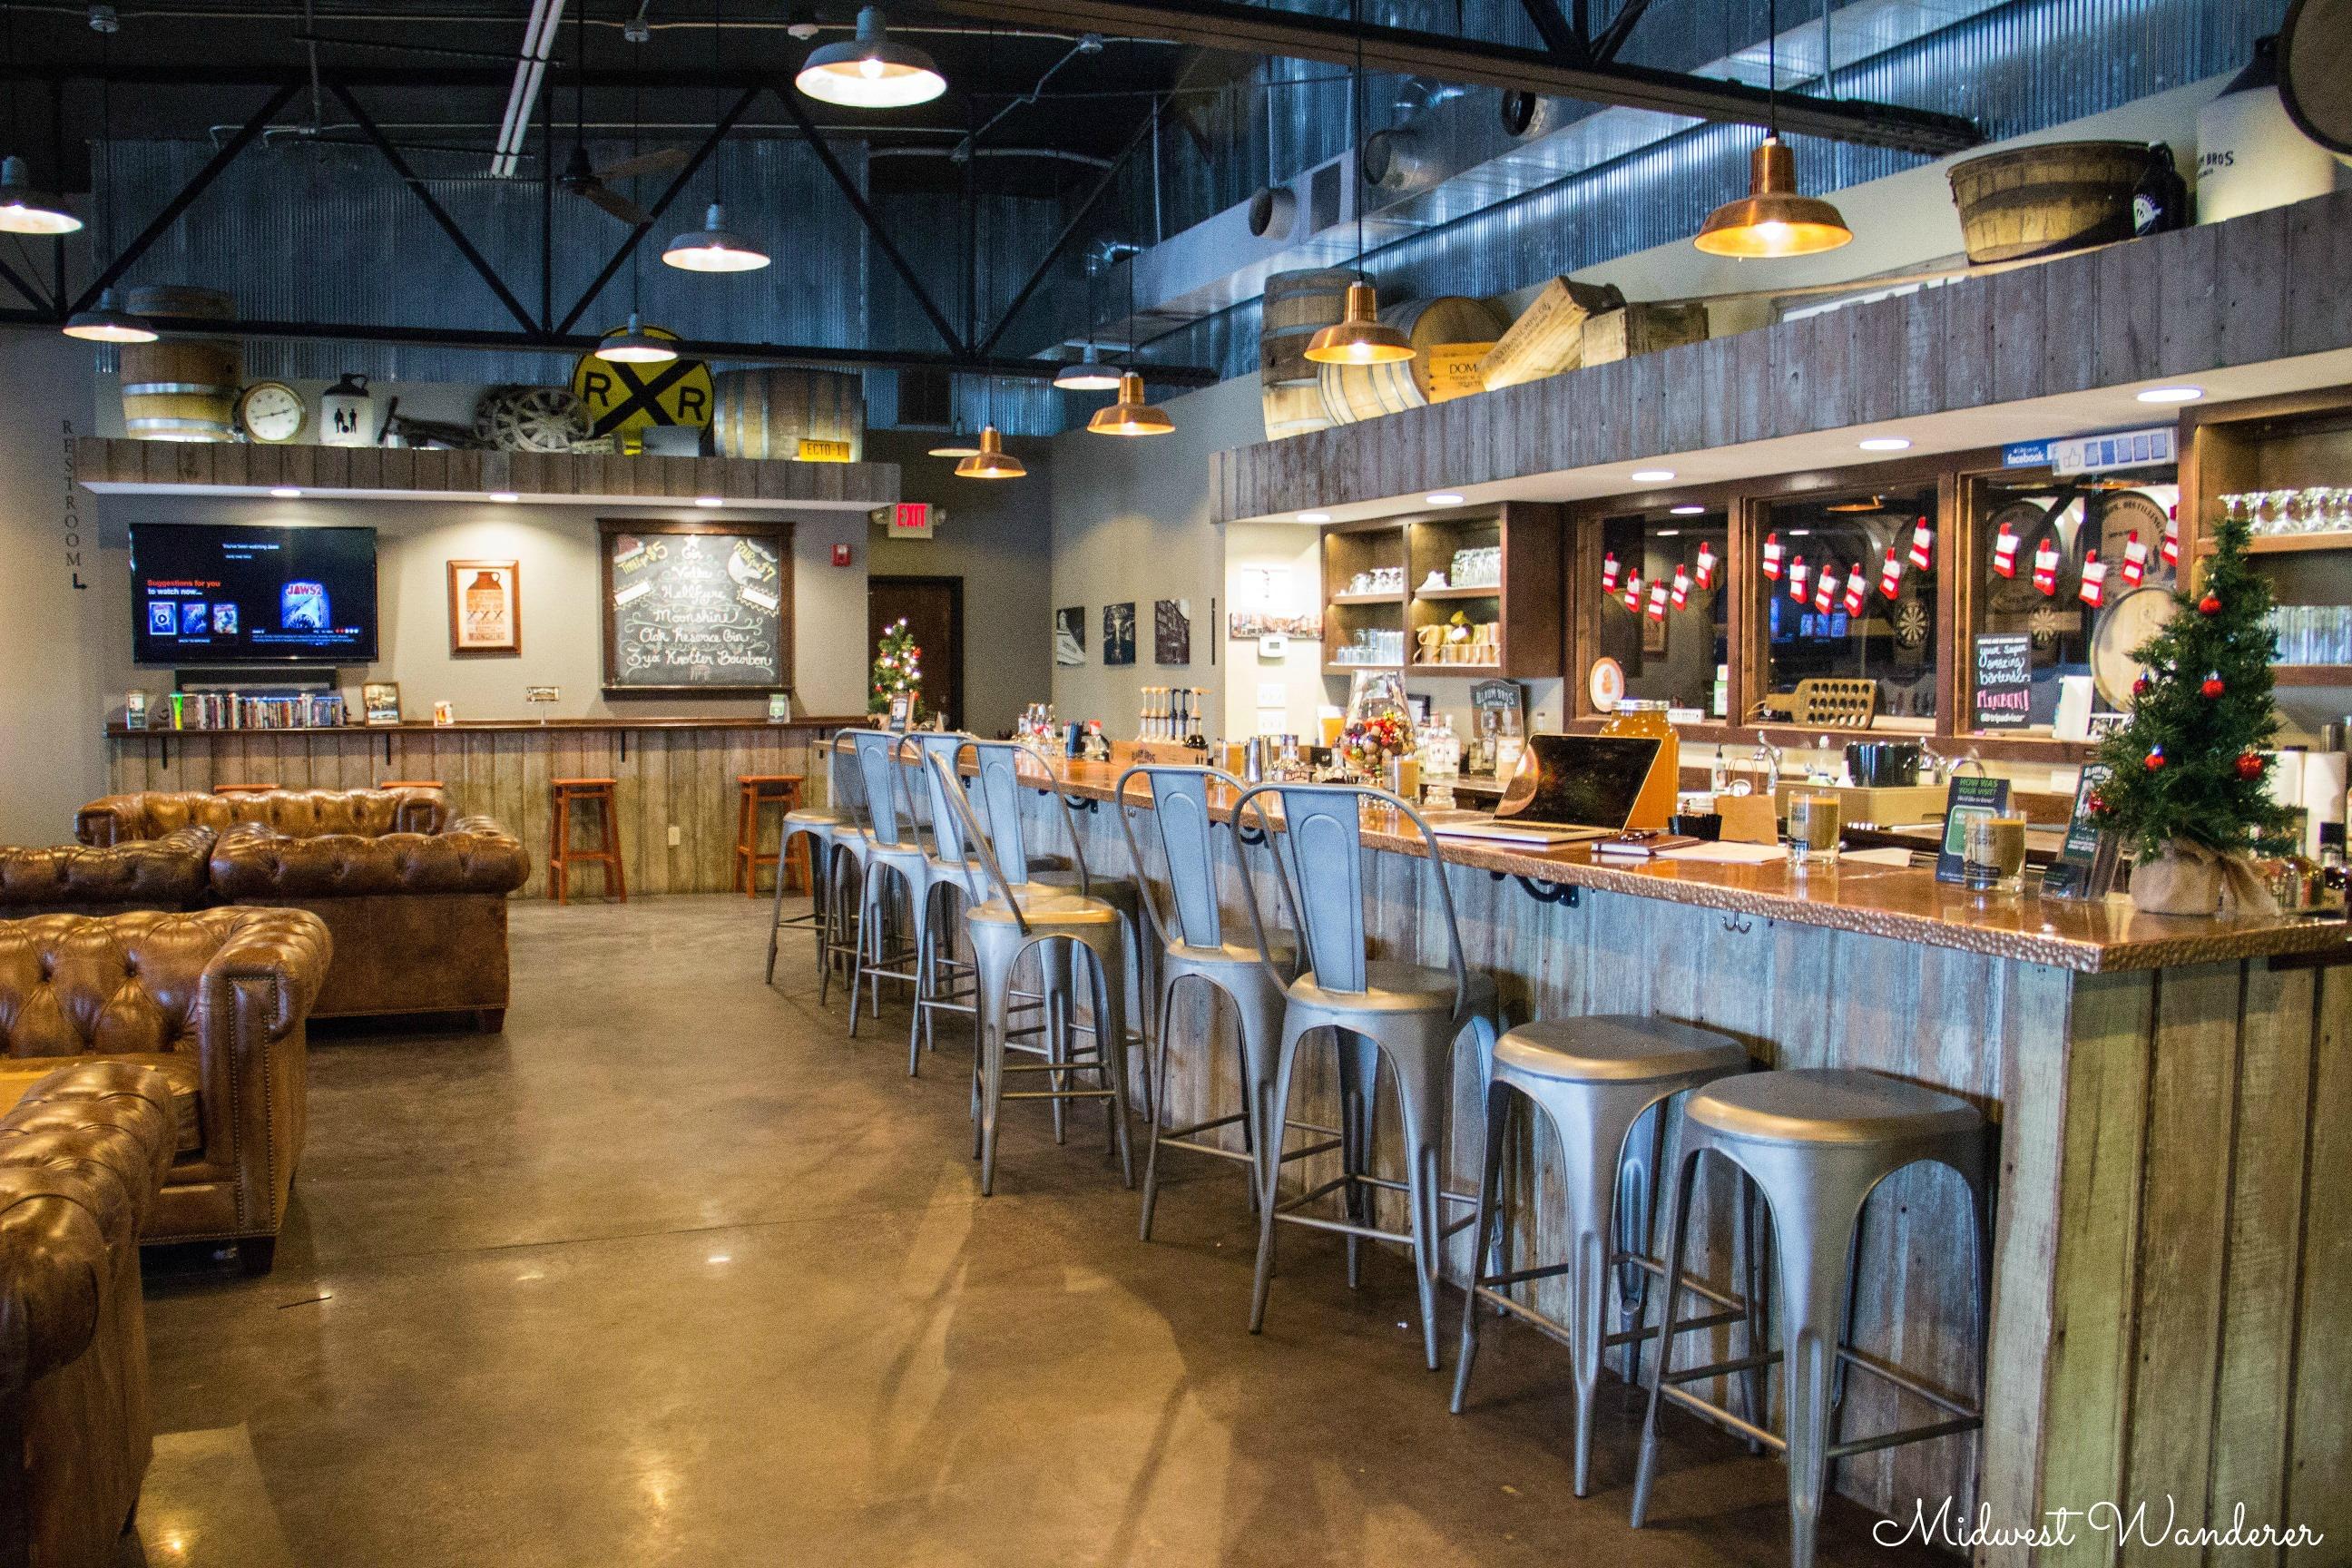 Blaum Bros Distilling Co bar